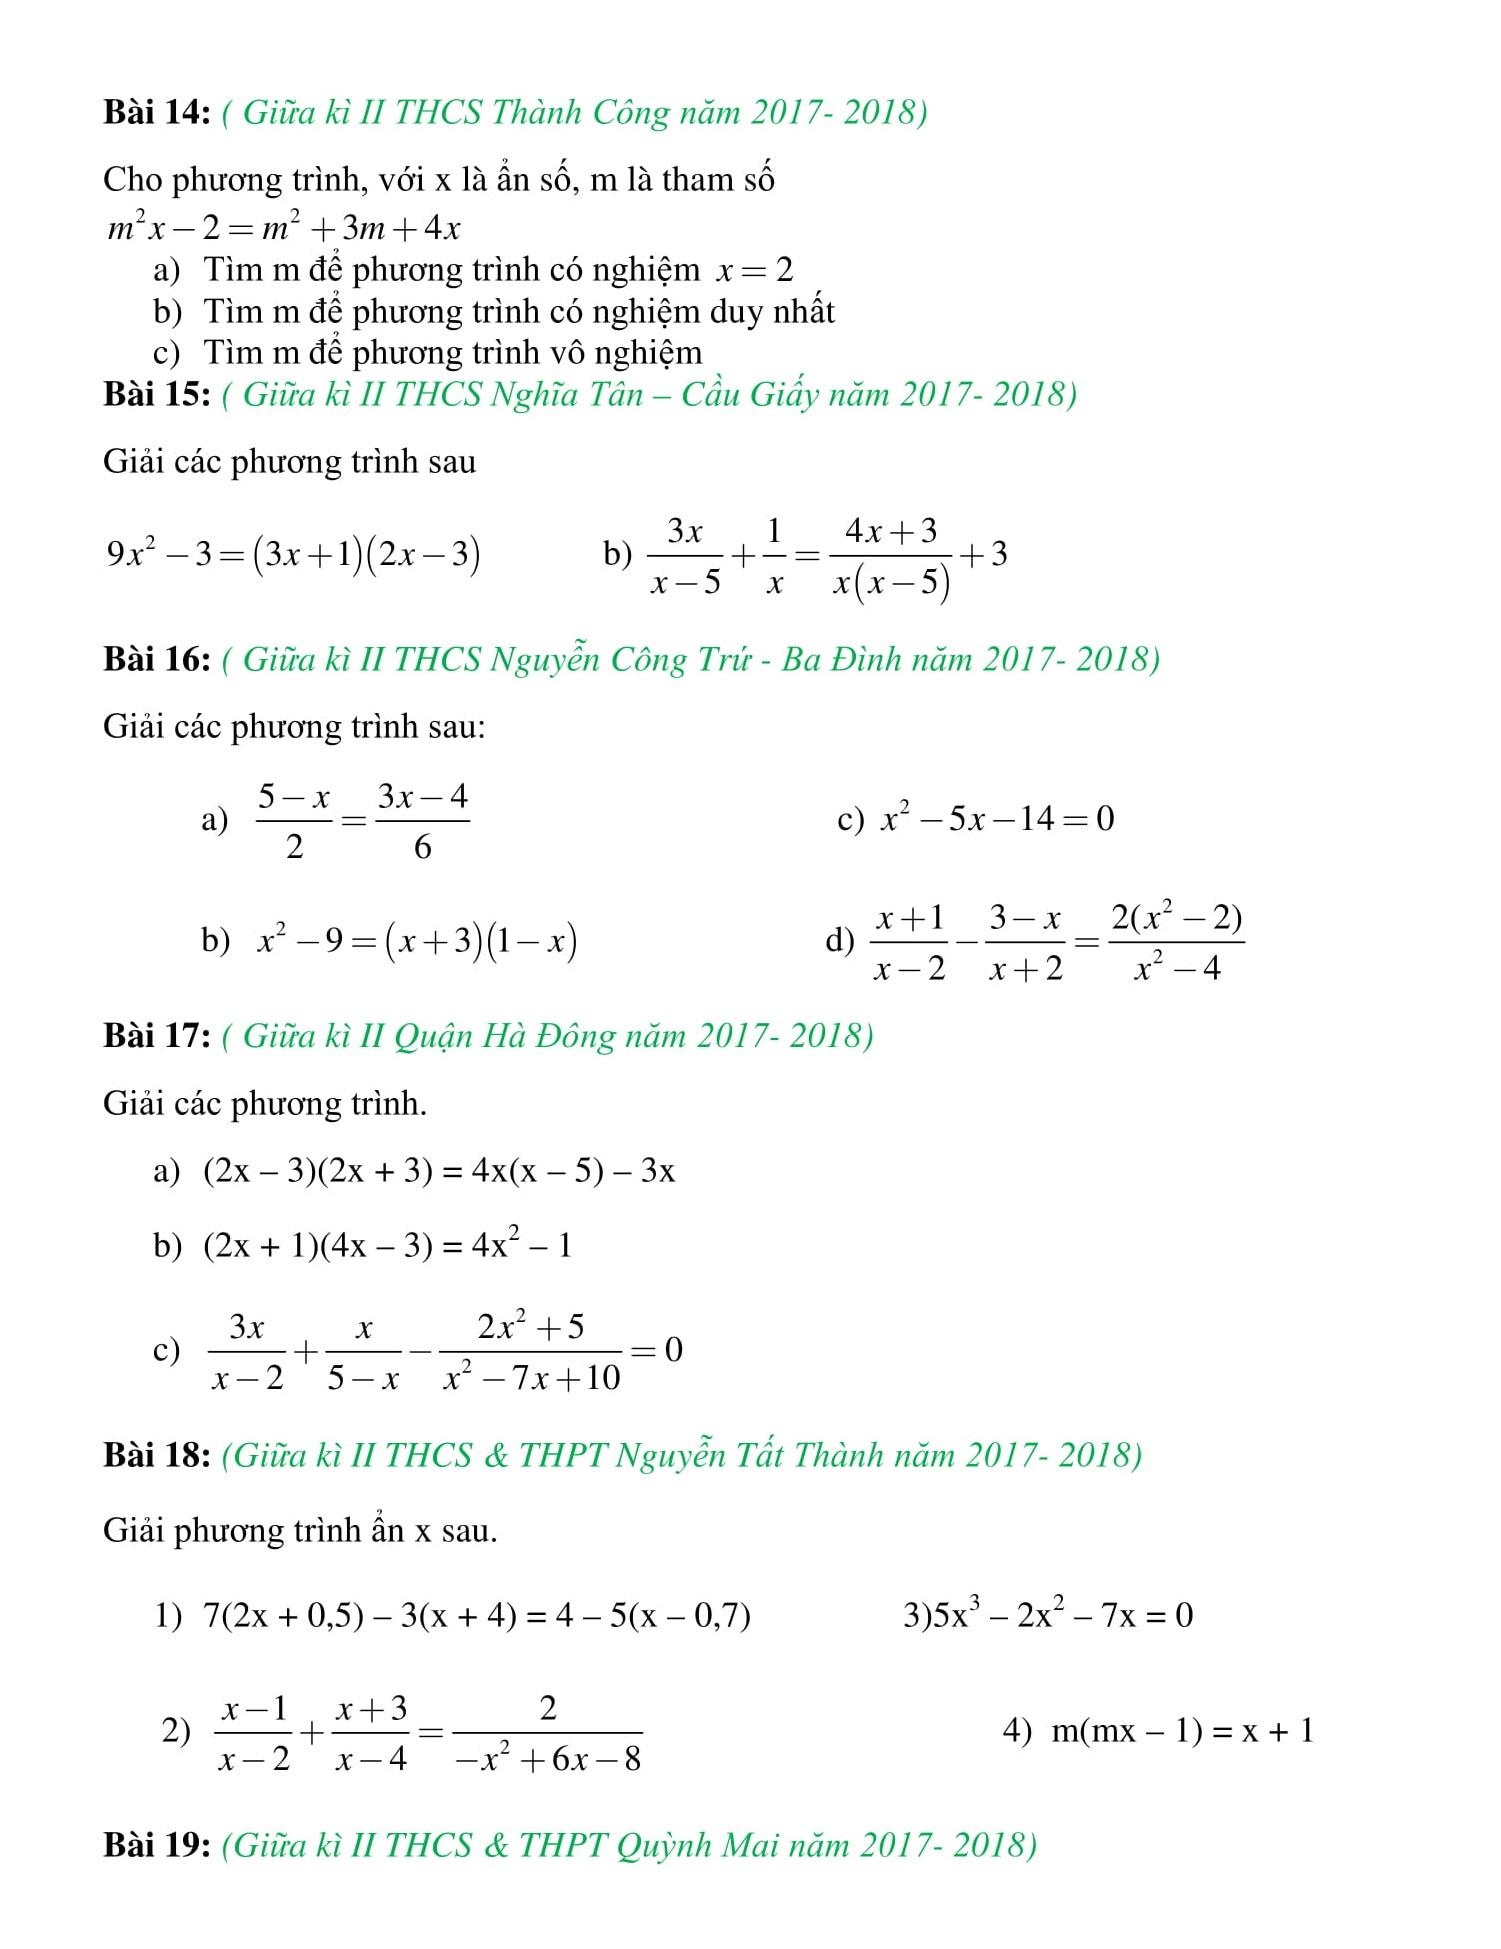 Đề thi giữa HK2 toán 8 giúp ôn tập hiệu quả